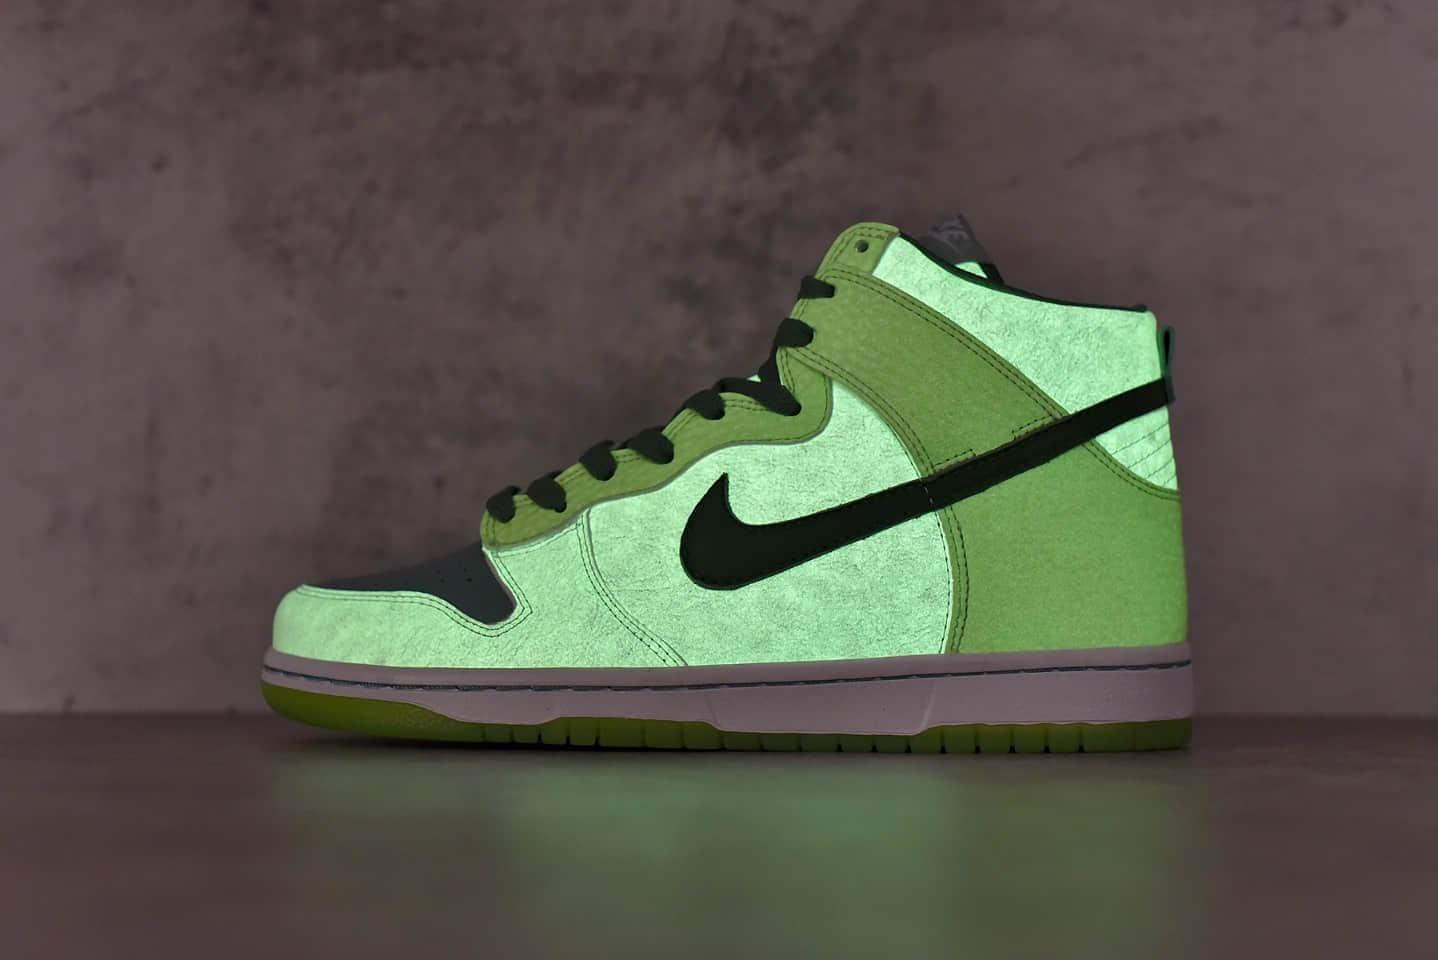 耐克Dunk夜光白绿高帮 NIKE SB Dunk High'Glow lnthe Dark 2' 耐克夜光高帮板鞋顶级版本-潮流者之家